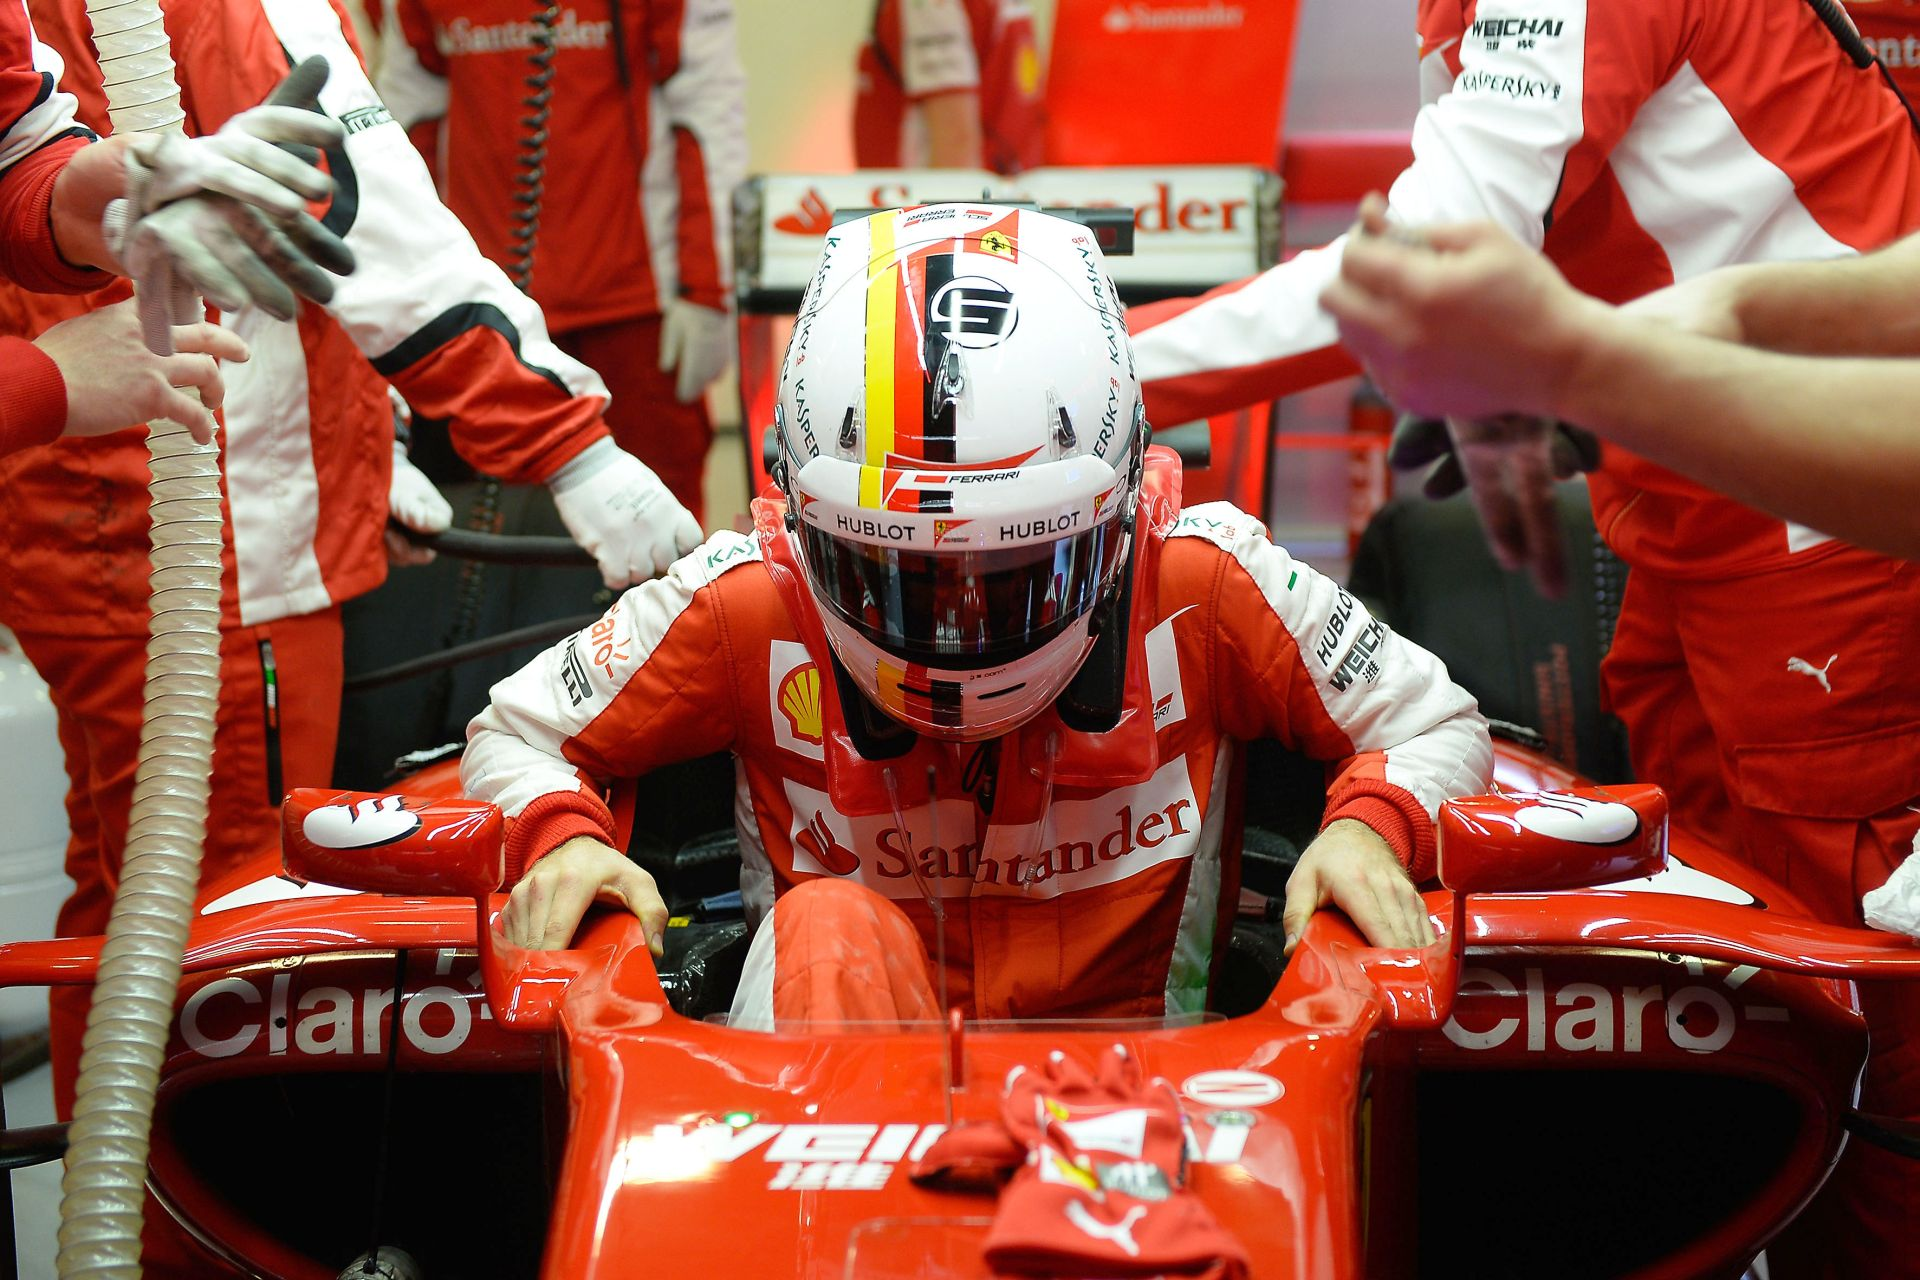 Folytatódik az F1-es teszt Barcelonában: Vettel, Alonso és Rosberg is a pályán